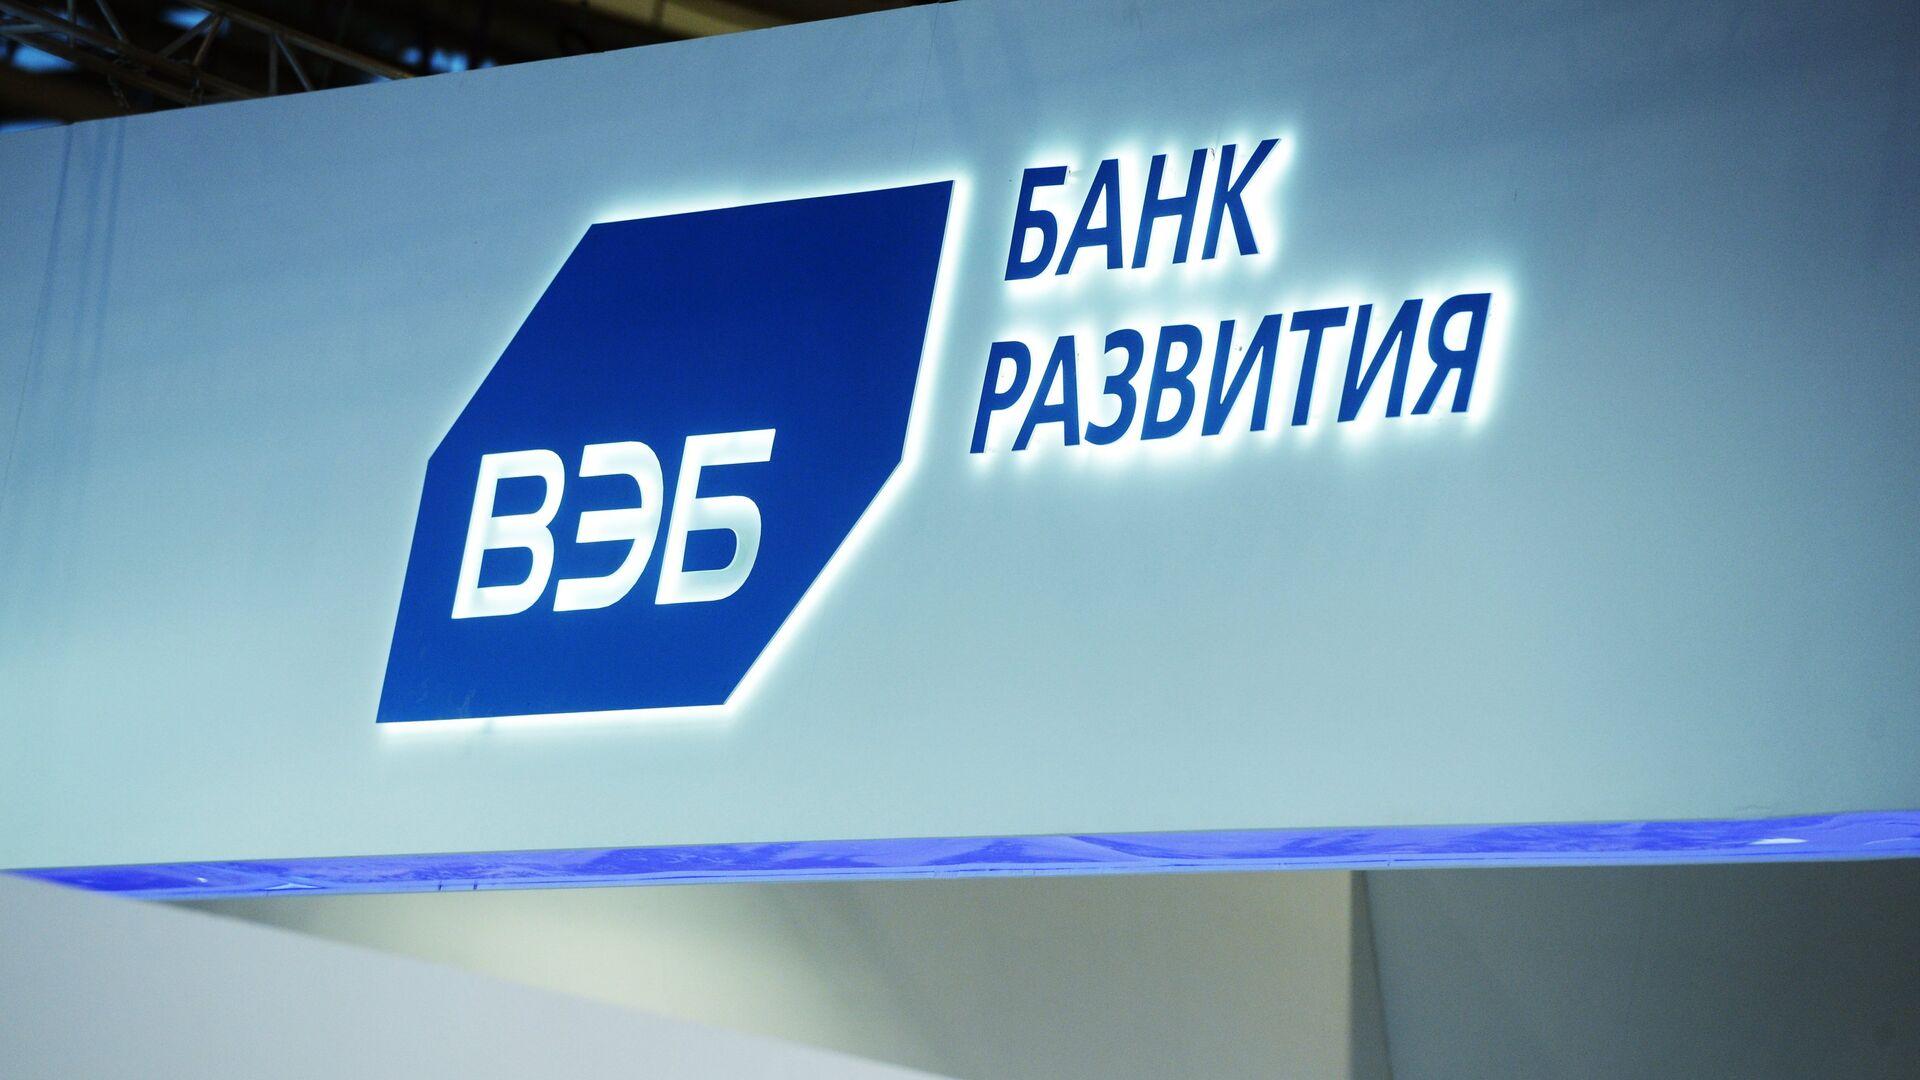 ВЭБ поддержит проект создания центра обработки данных в Приморье